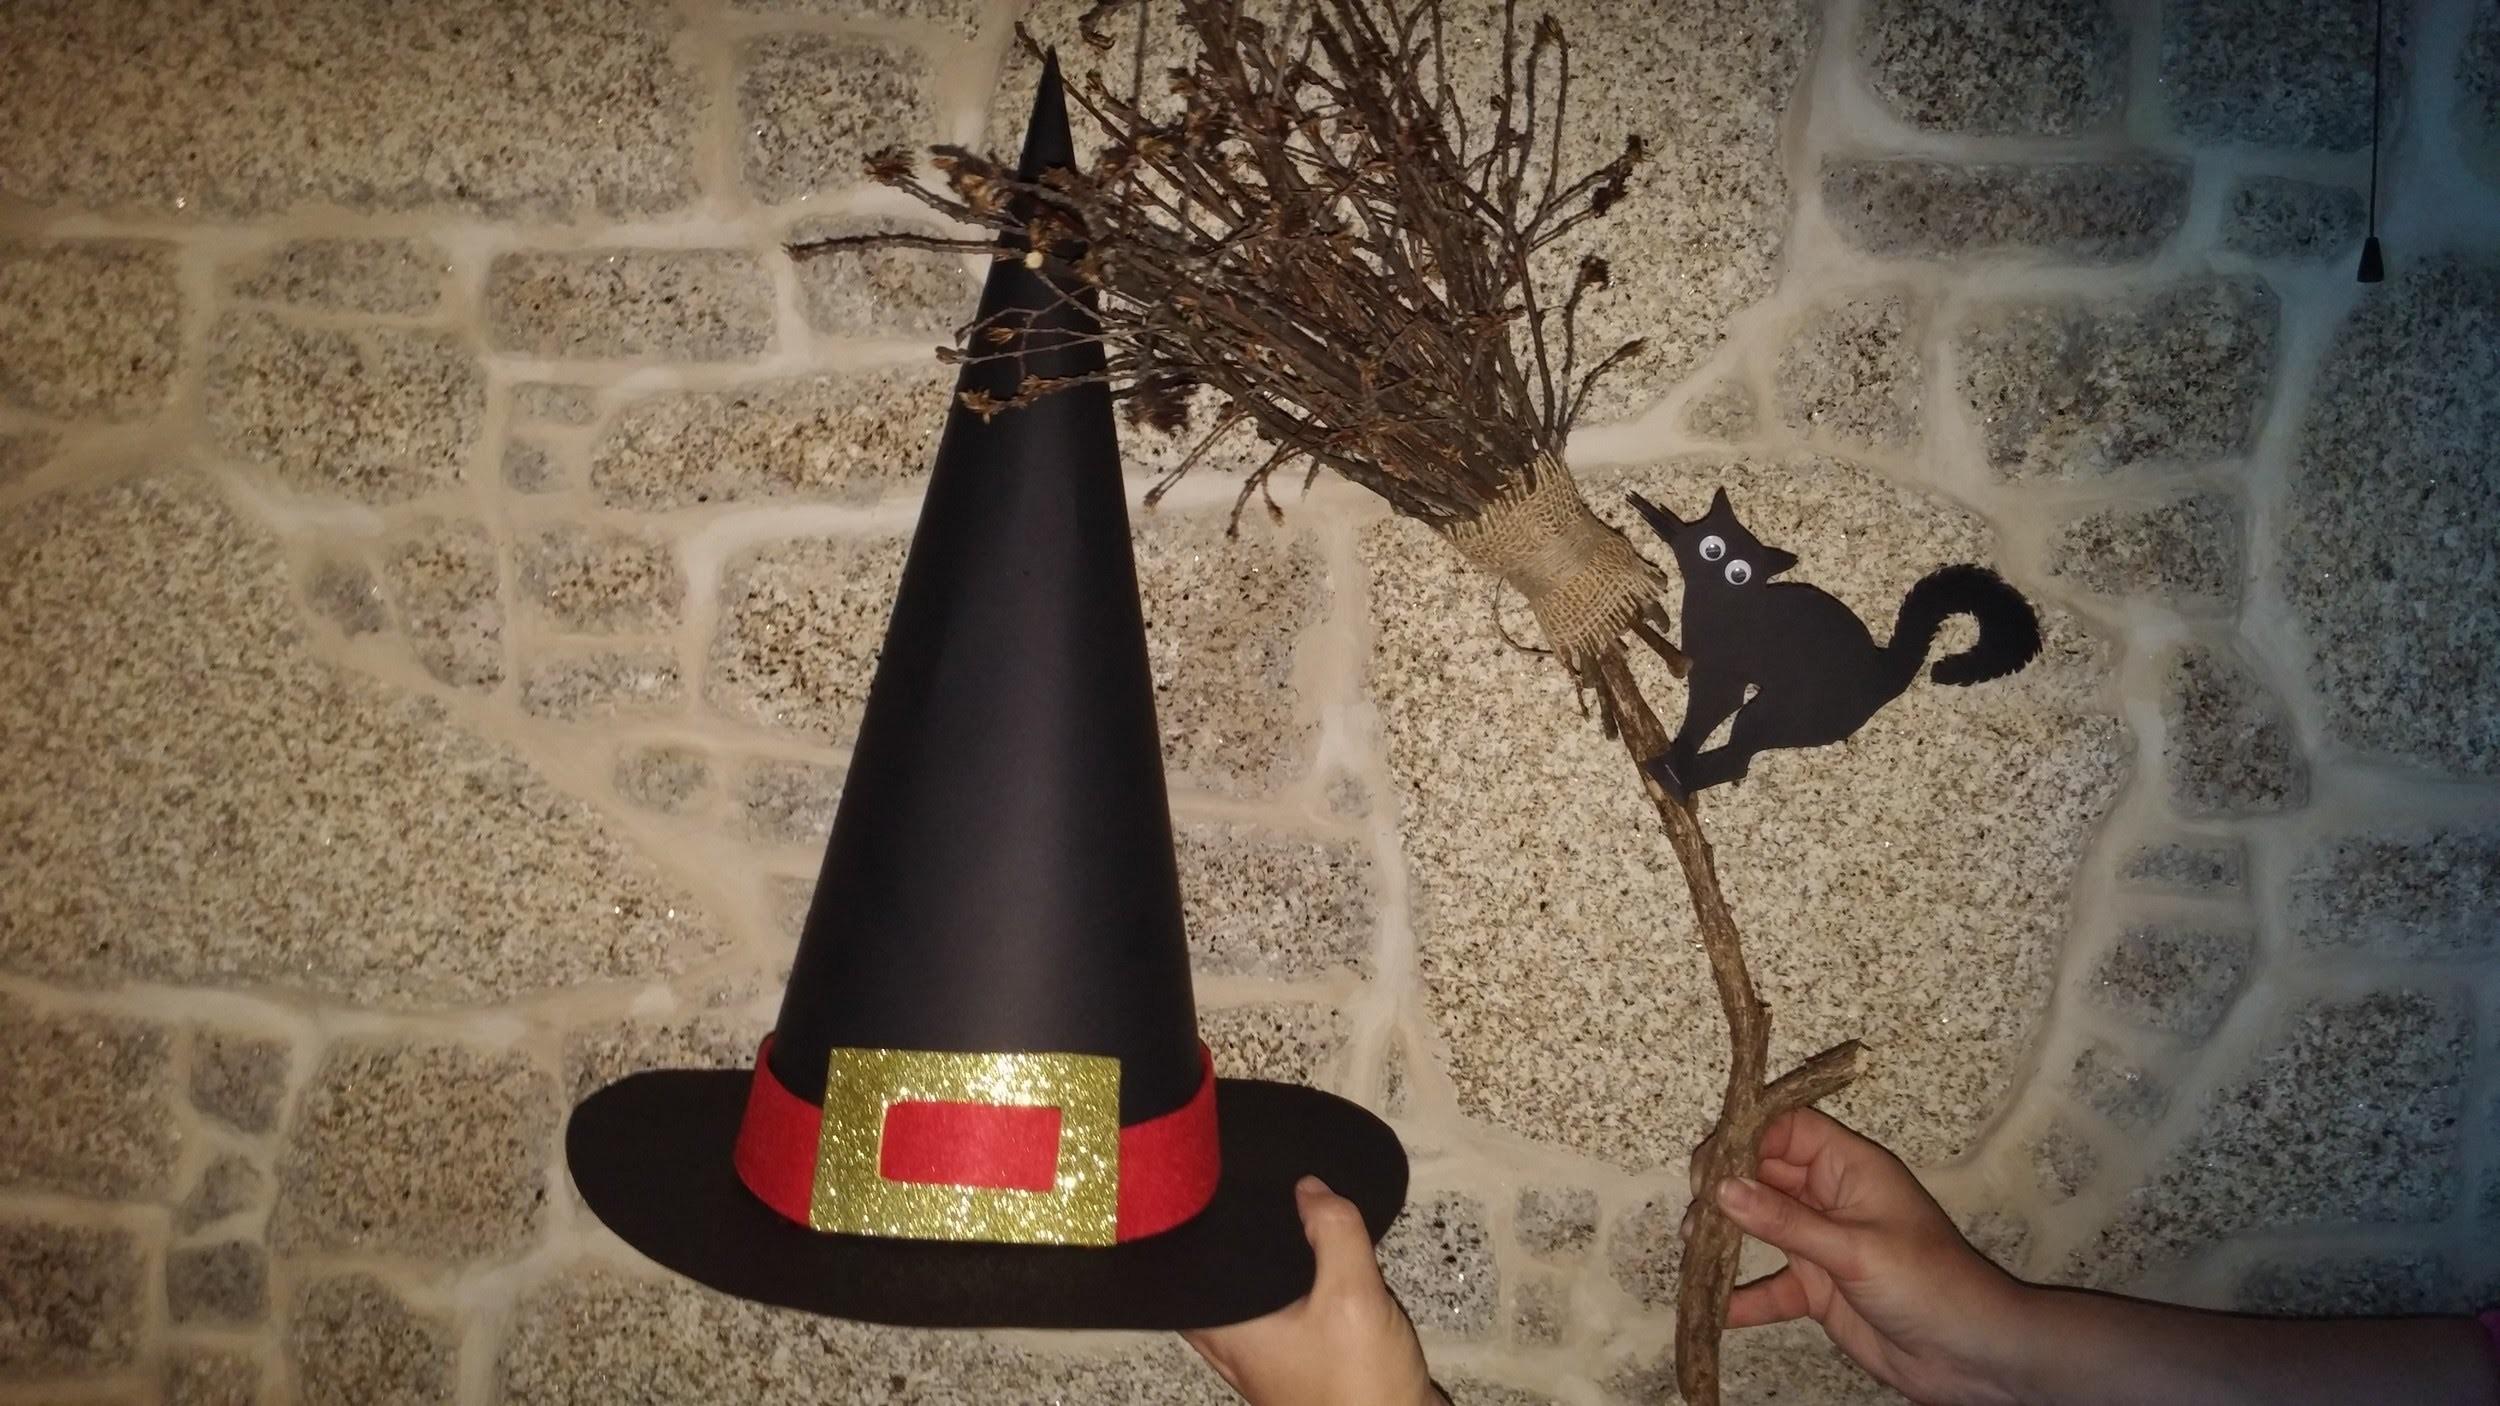 Como fazer chapéu de bruxa para Halloween - DIY - witch's hat for Halloween